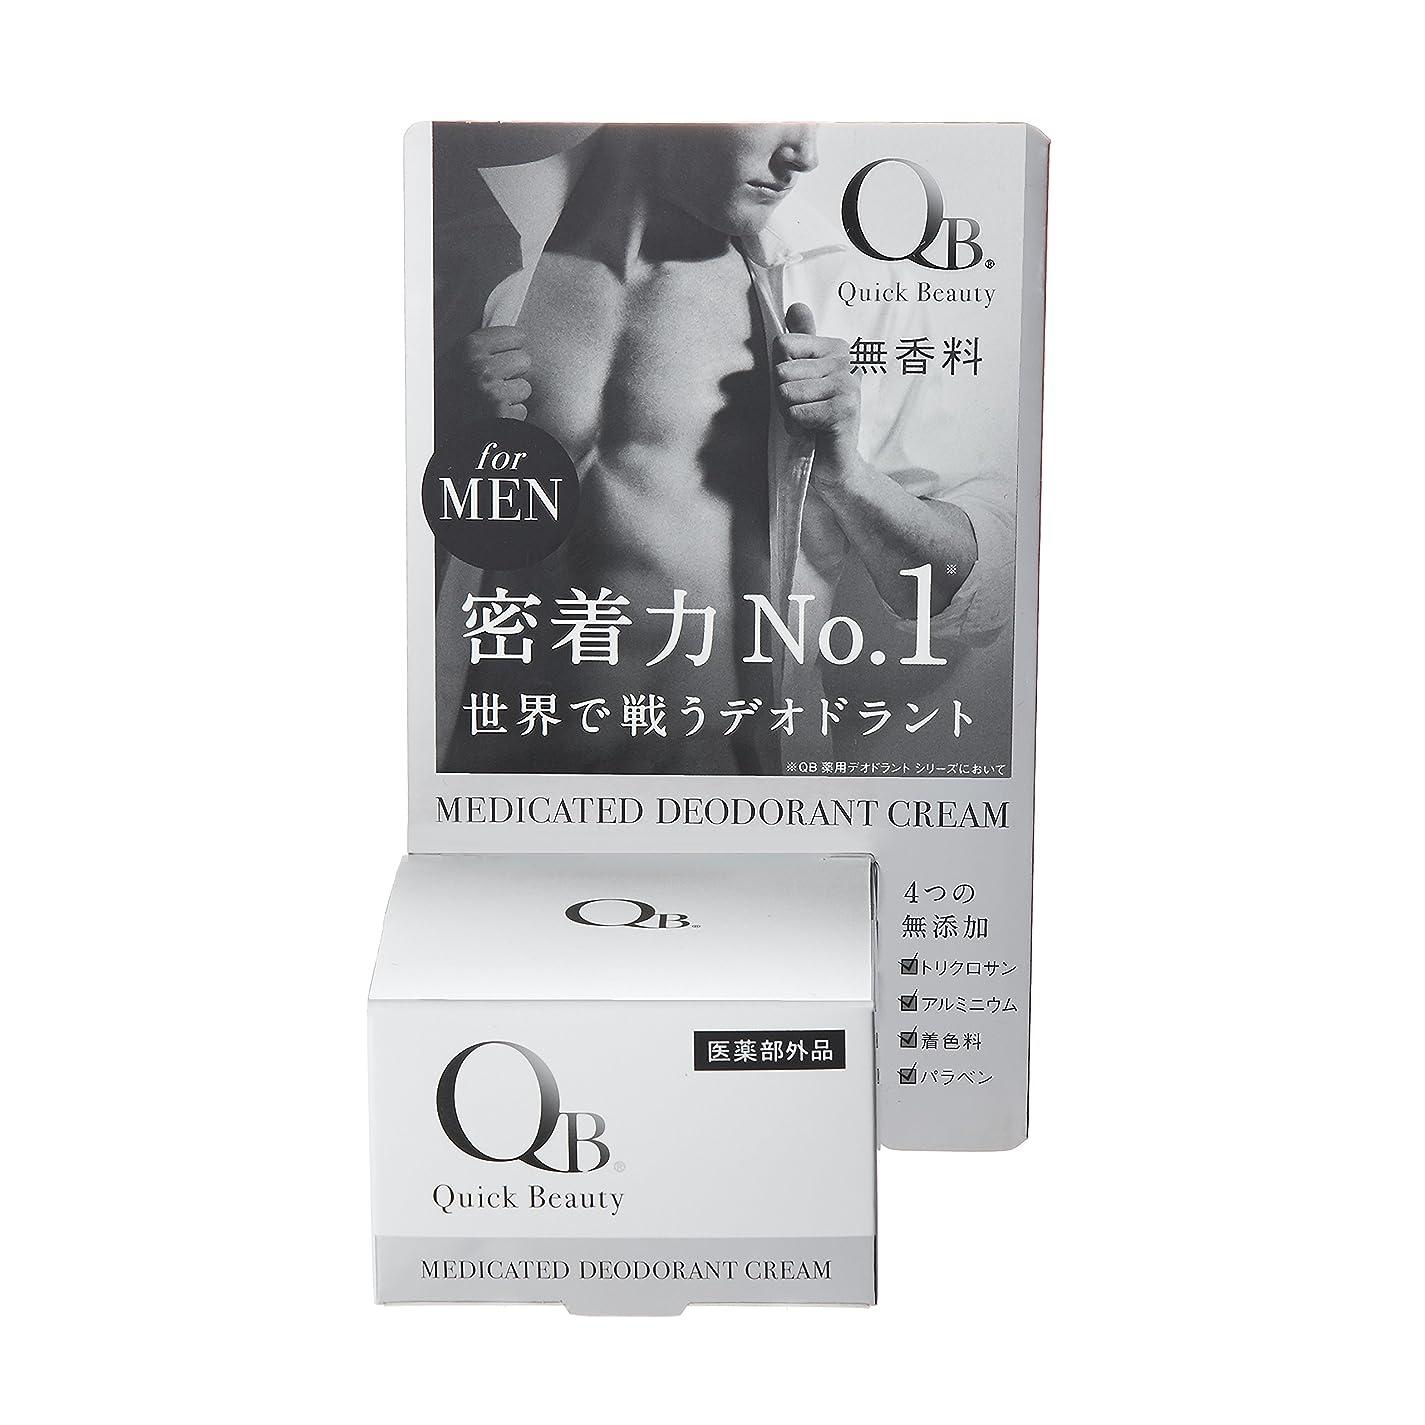 素子衣類醜いQB 薬用デオドラントクリーム メンズ 30g